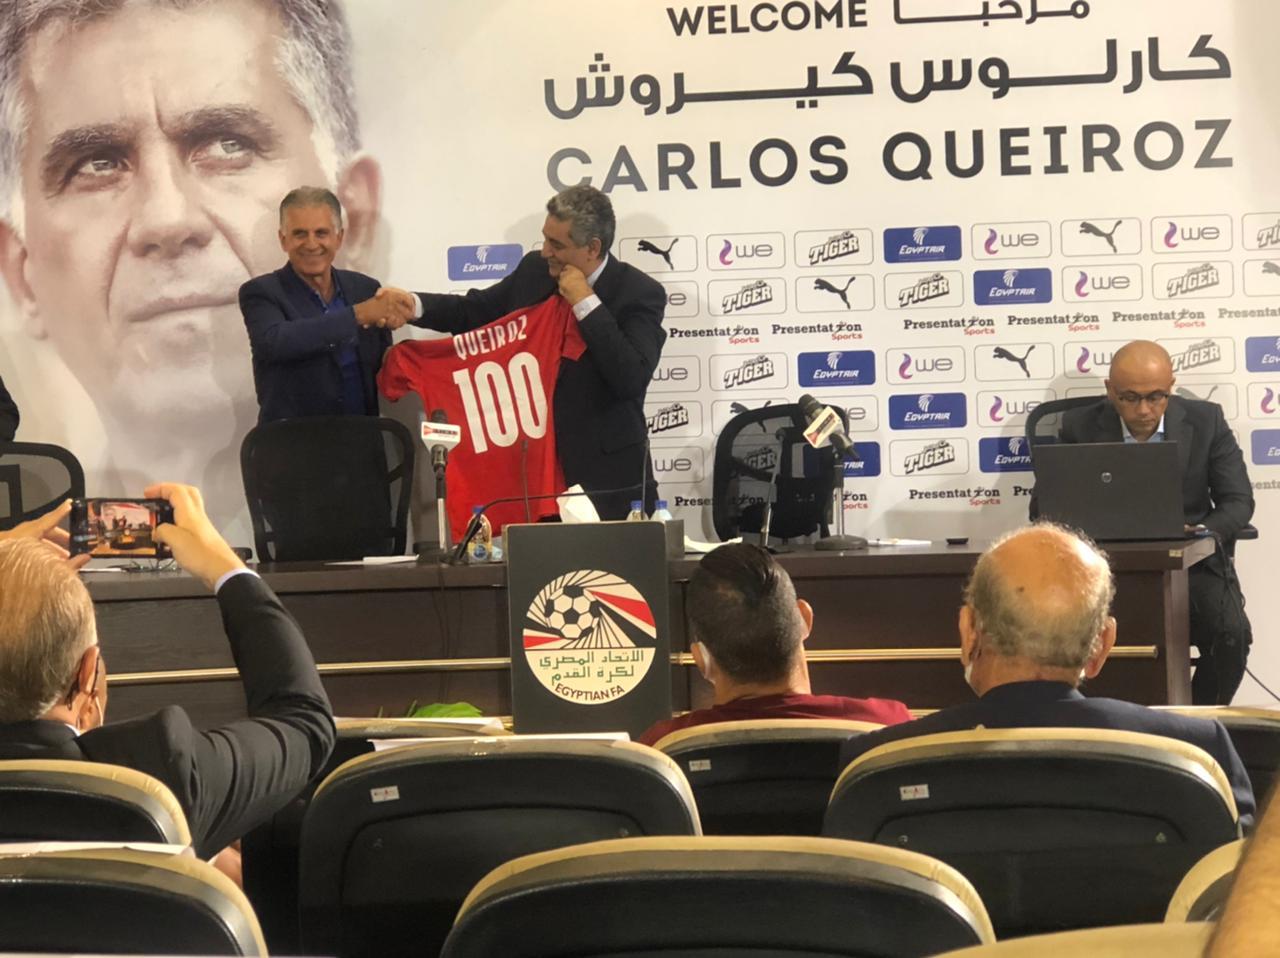 ;كيروش; أطمح في التأهل للمونديال للمرة الخامسة مع المنتخب المصري